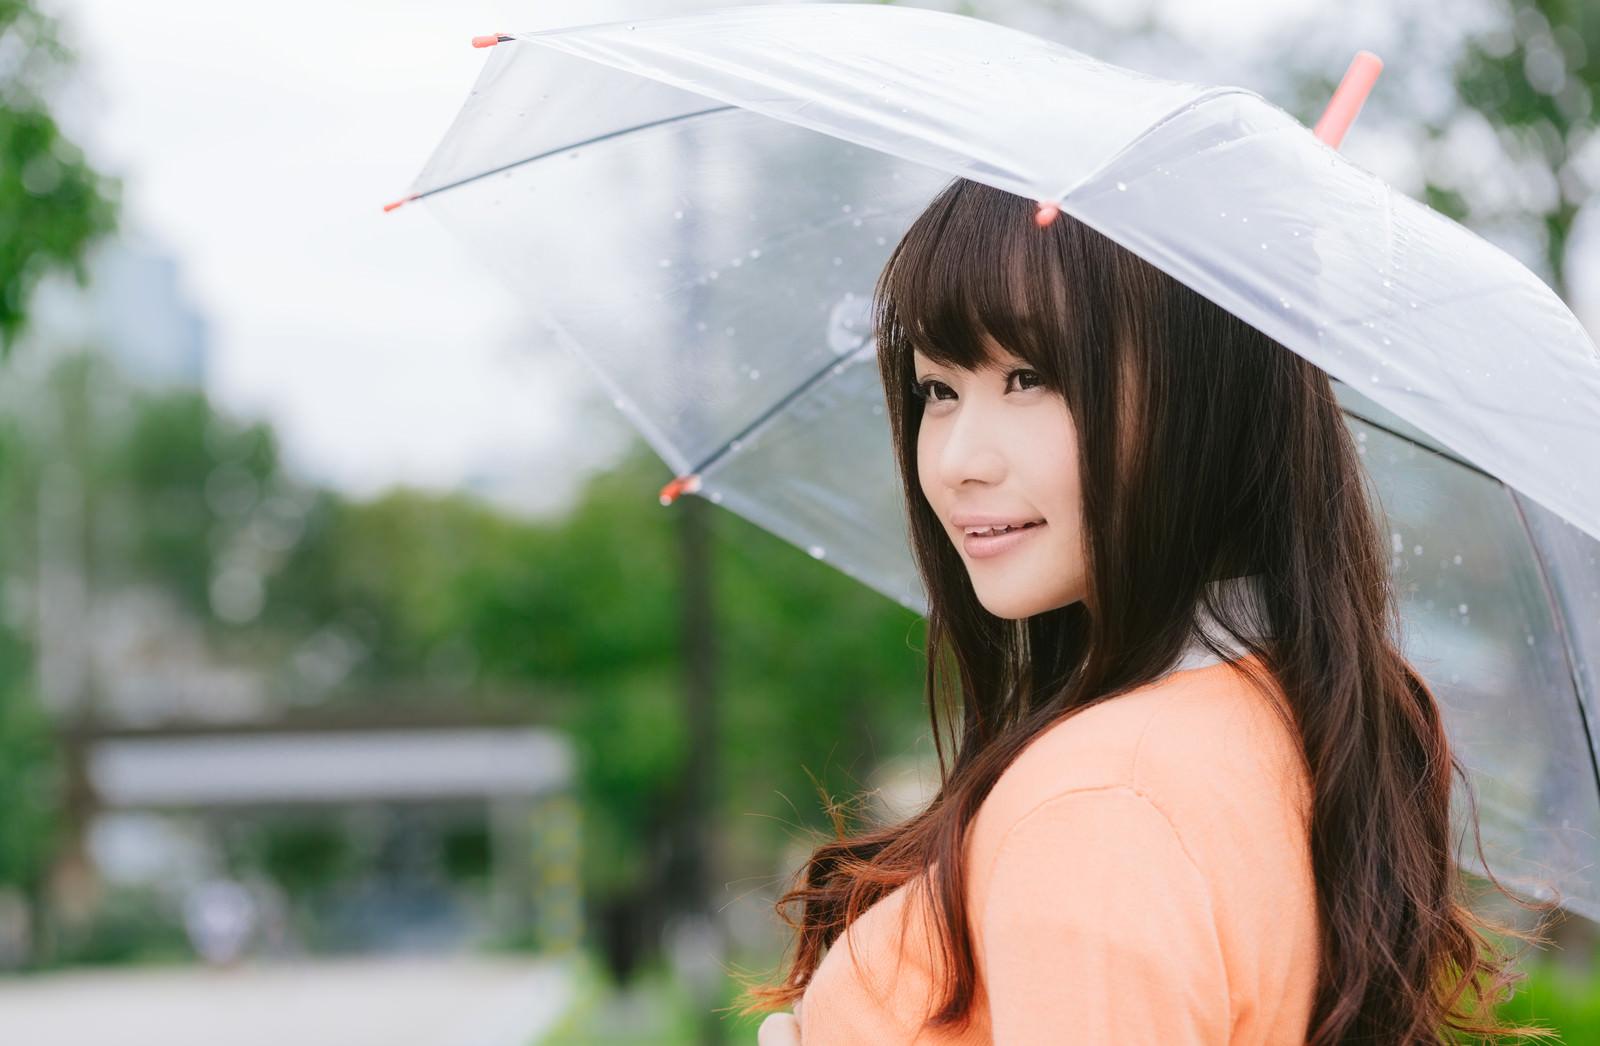 「雨の日と傘と美女雨の日と傘と美女」のフリー写真素材を拡大